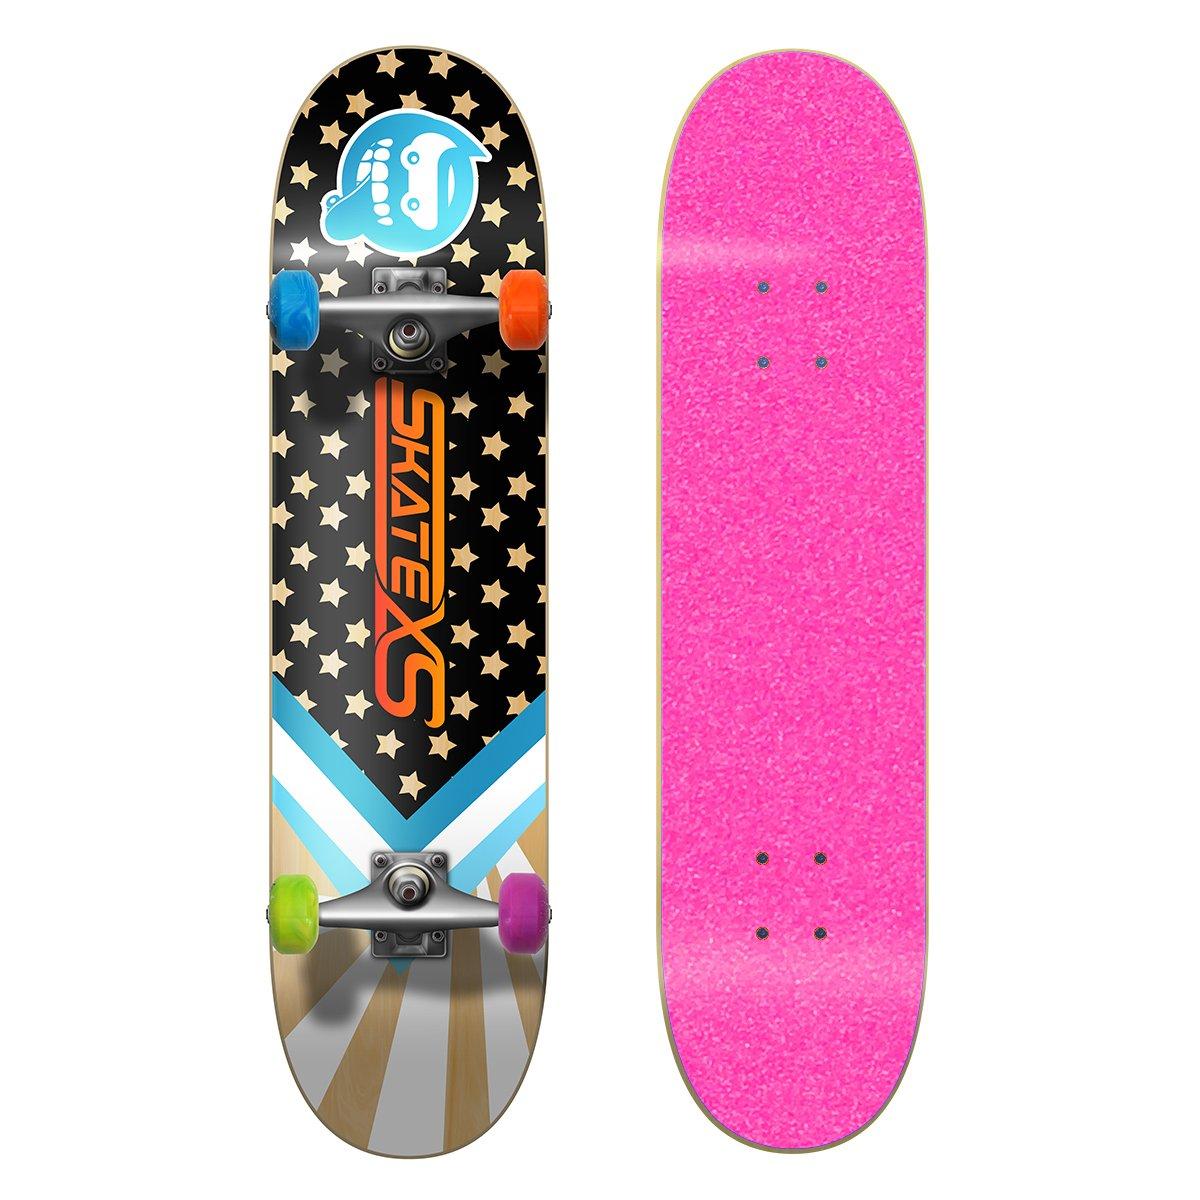 大きい割引 SkateXS 初心者 スターボード ストリート スケートボード B01MYVV1E4 x 7.25 x Multi-Color 8-10) 29 (Ages 8-10)|Pink Grip Tape/ Multi-Color Wheels Pink Grip Tape/ Multi-Color Wheels 7.25 x 29 (Ages 8-10), 南設楽郡:72642271 --- a0267596.xsph.ru